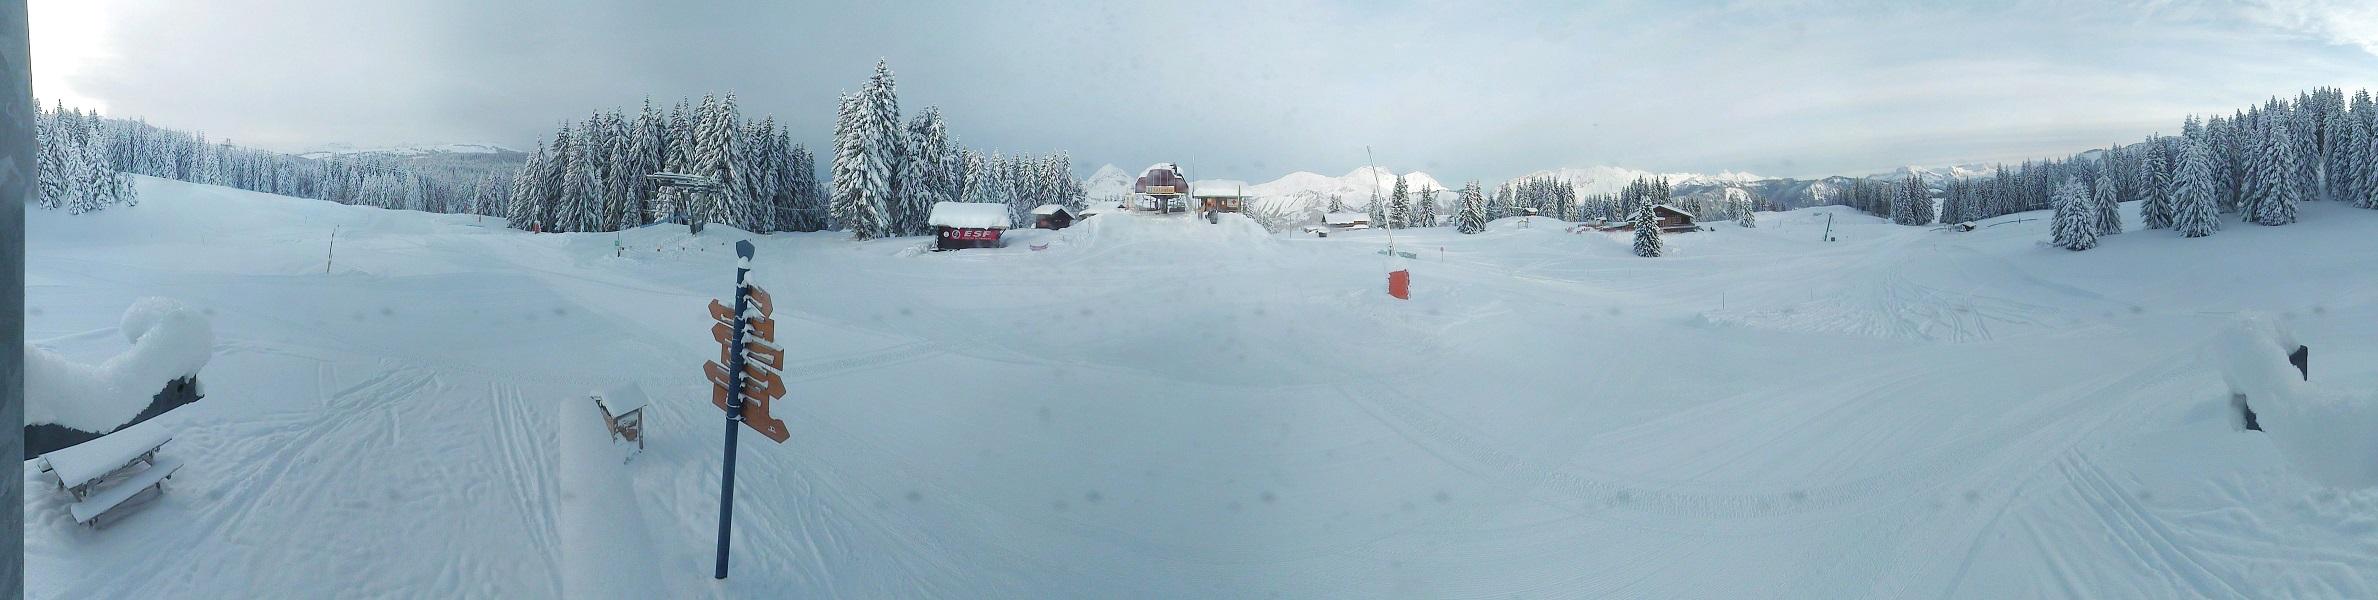 Le sommet du Lachat à Crest-Voland, où 100% des pistes sont ouvertes !